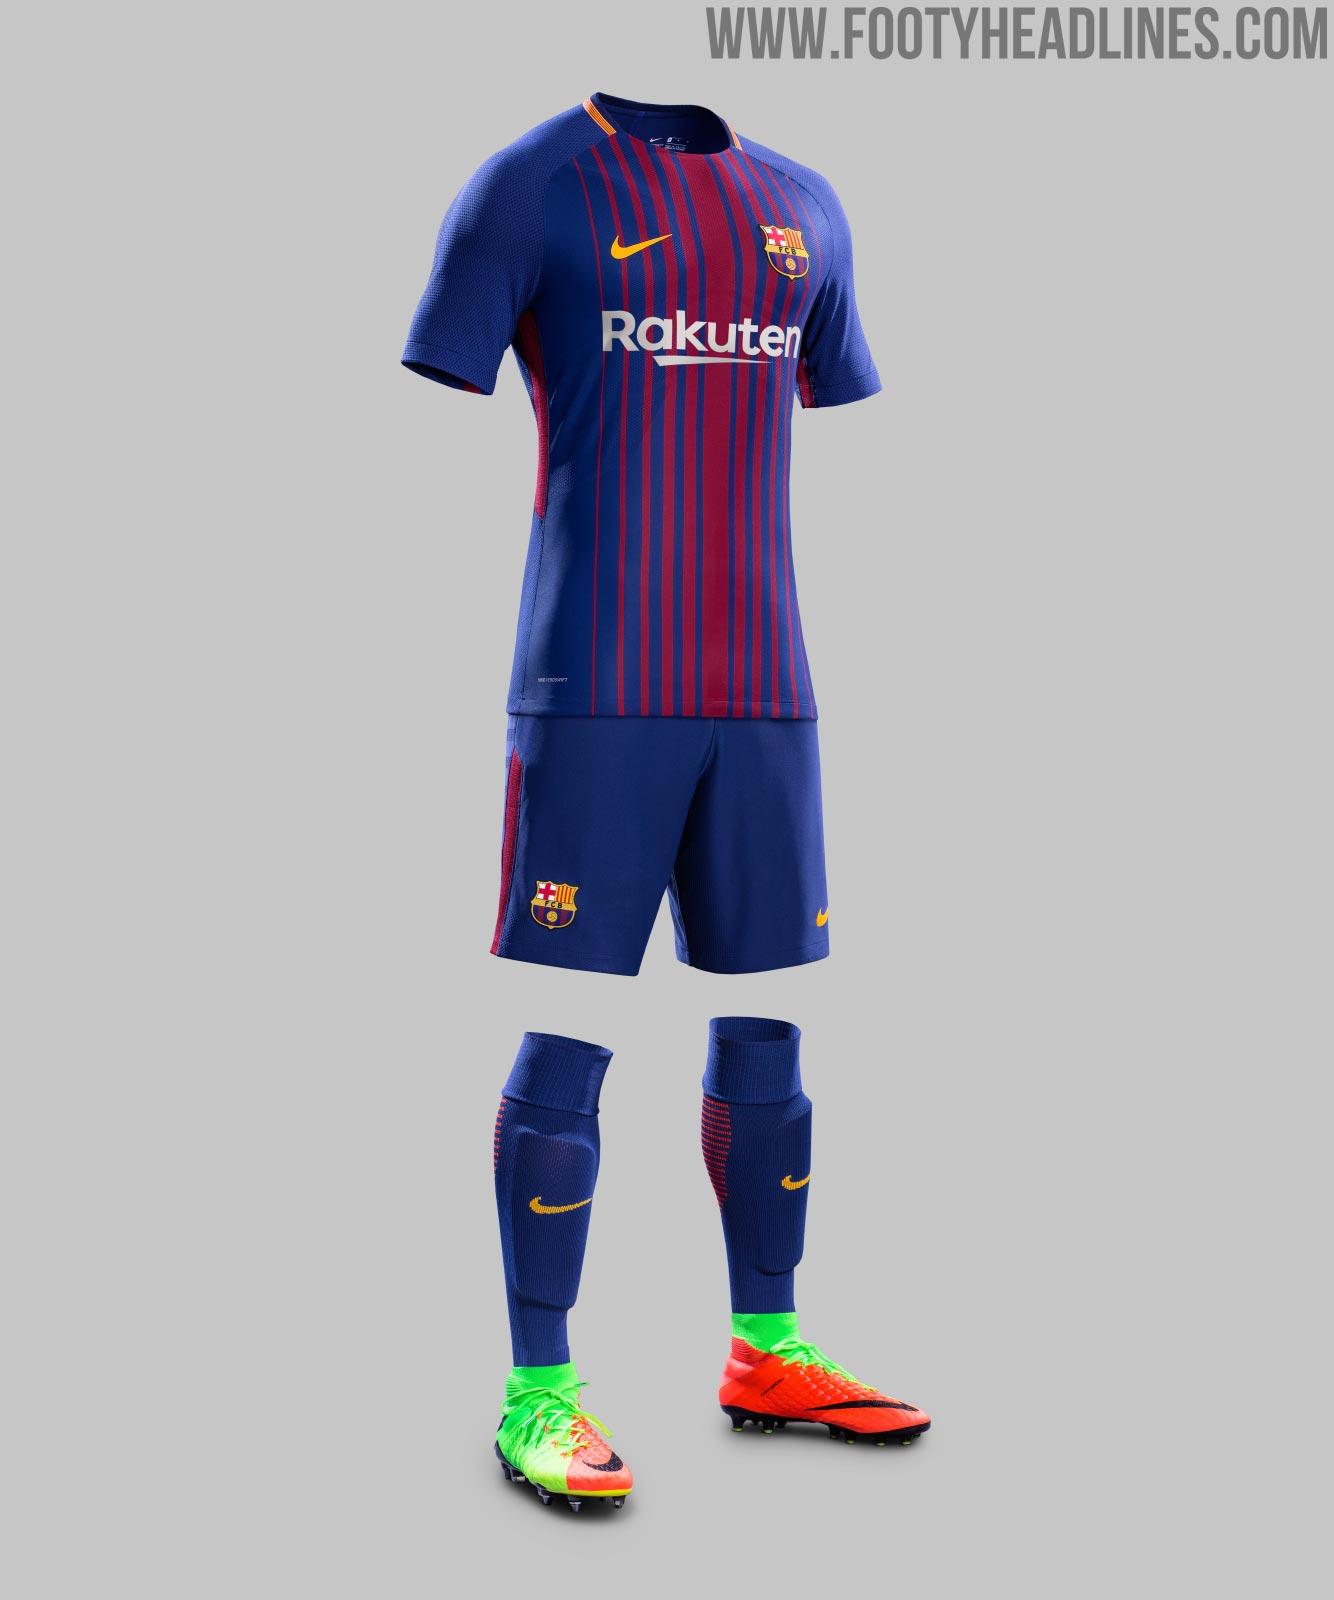 Fc Barcelona Home Kit Vs Inter